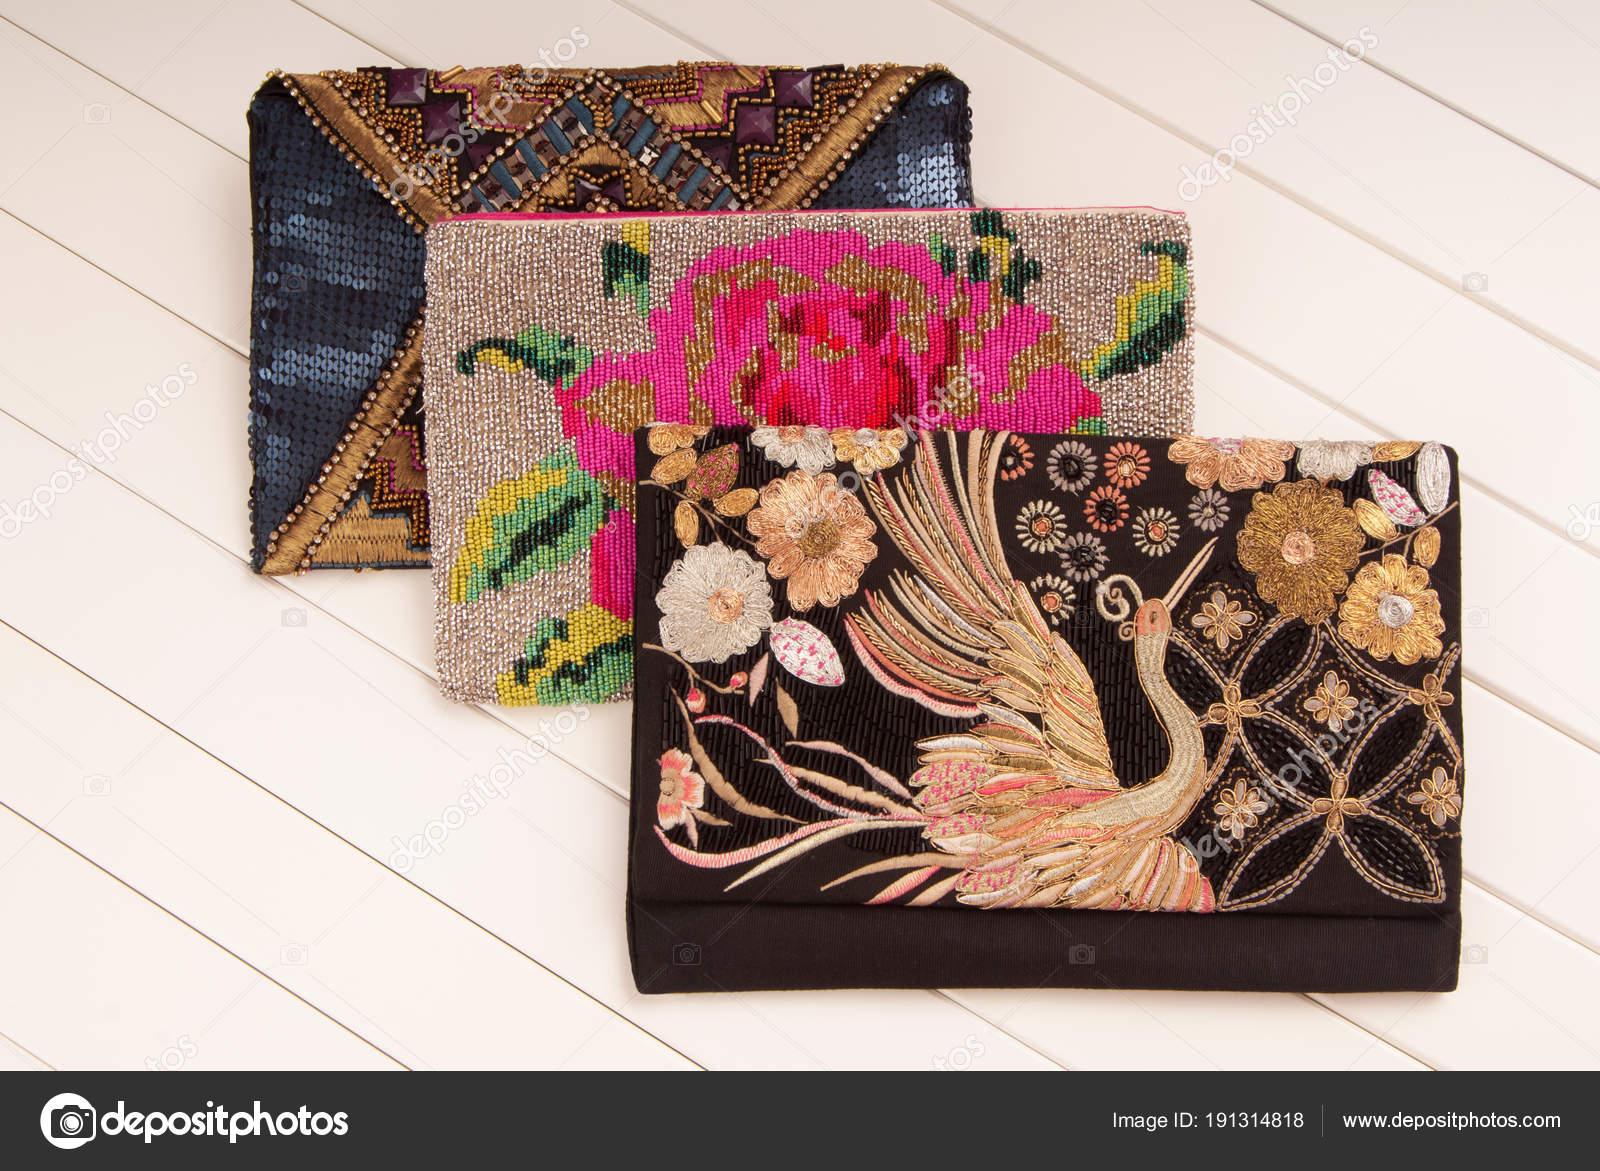 e7c9cdf44a72 Вышитые сумки, три сумки с вышивкой, клатчи конверт формы, черный  сцепления, модные клатчи — Фото автора ...